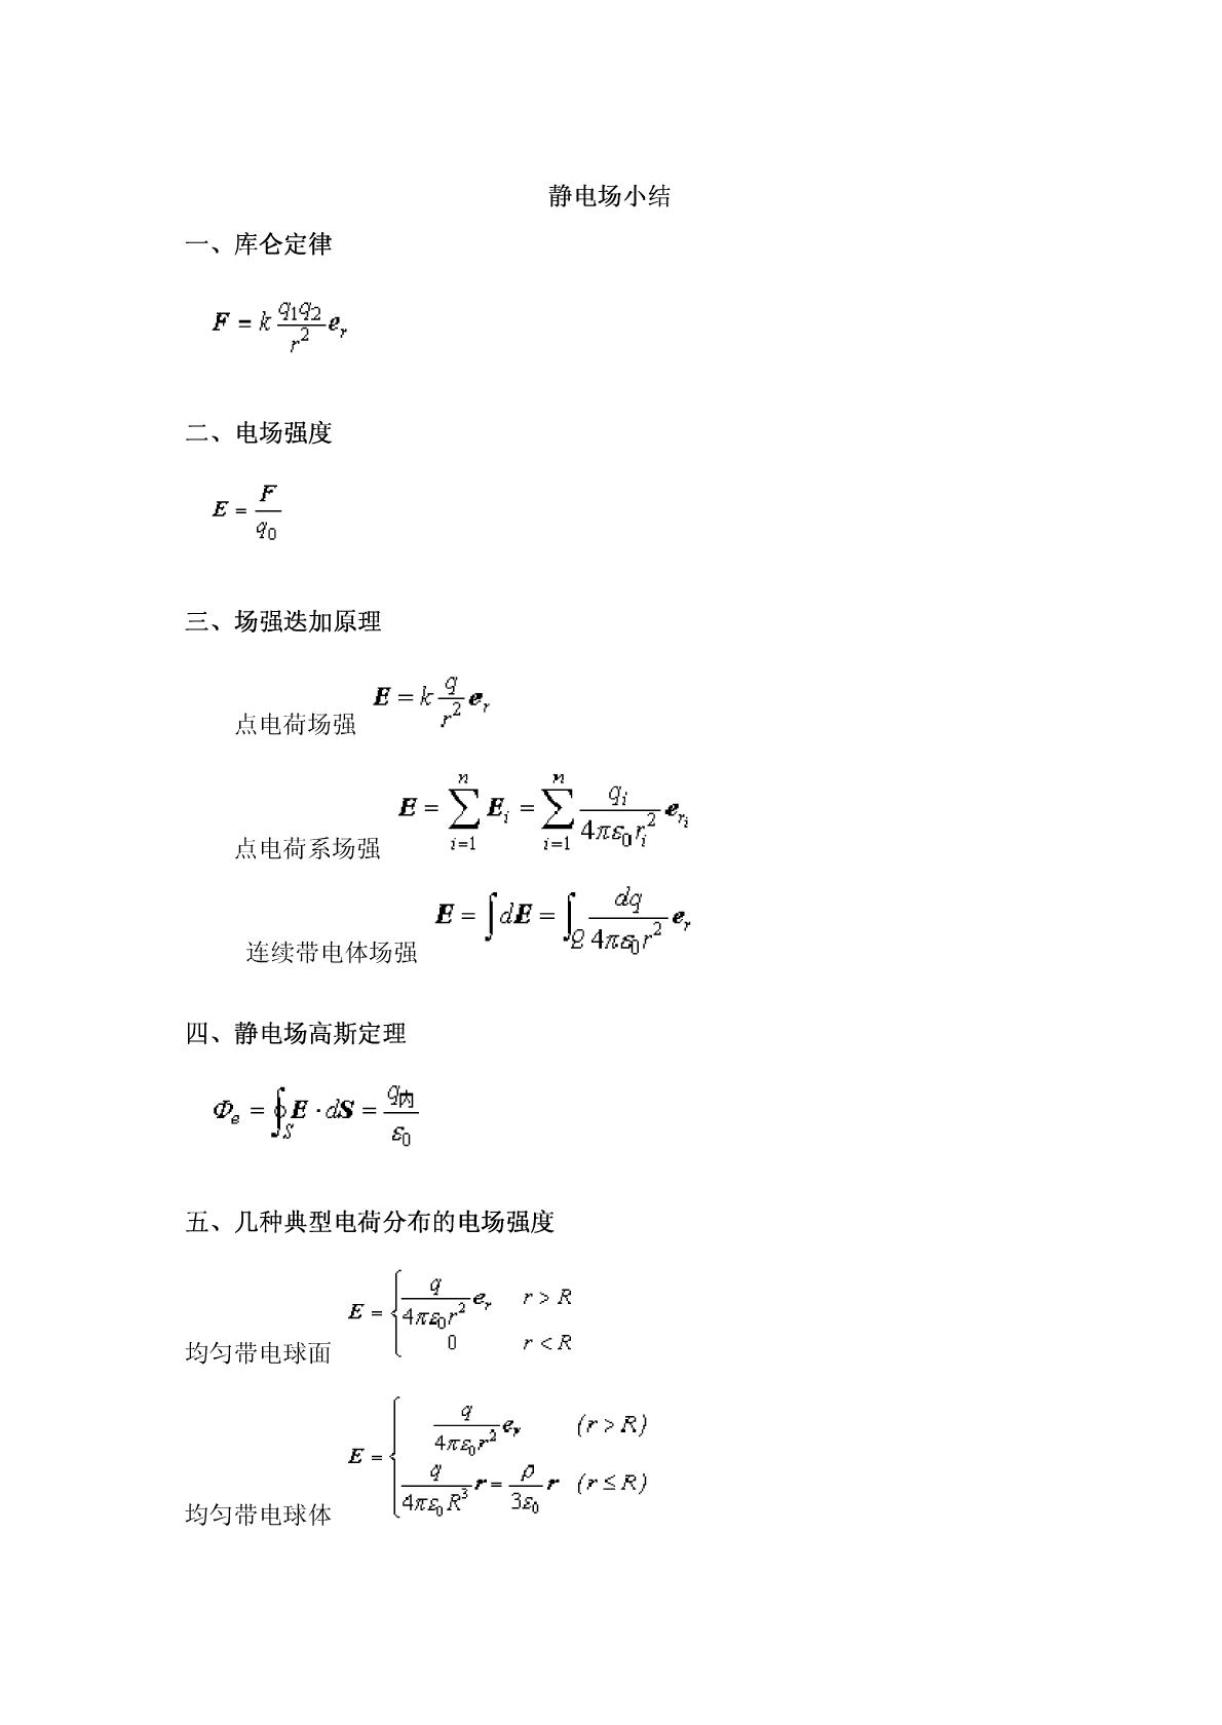 大学物理电磁学公式全集